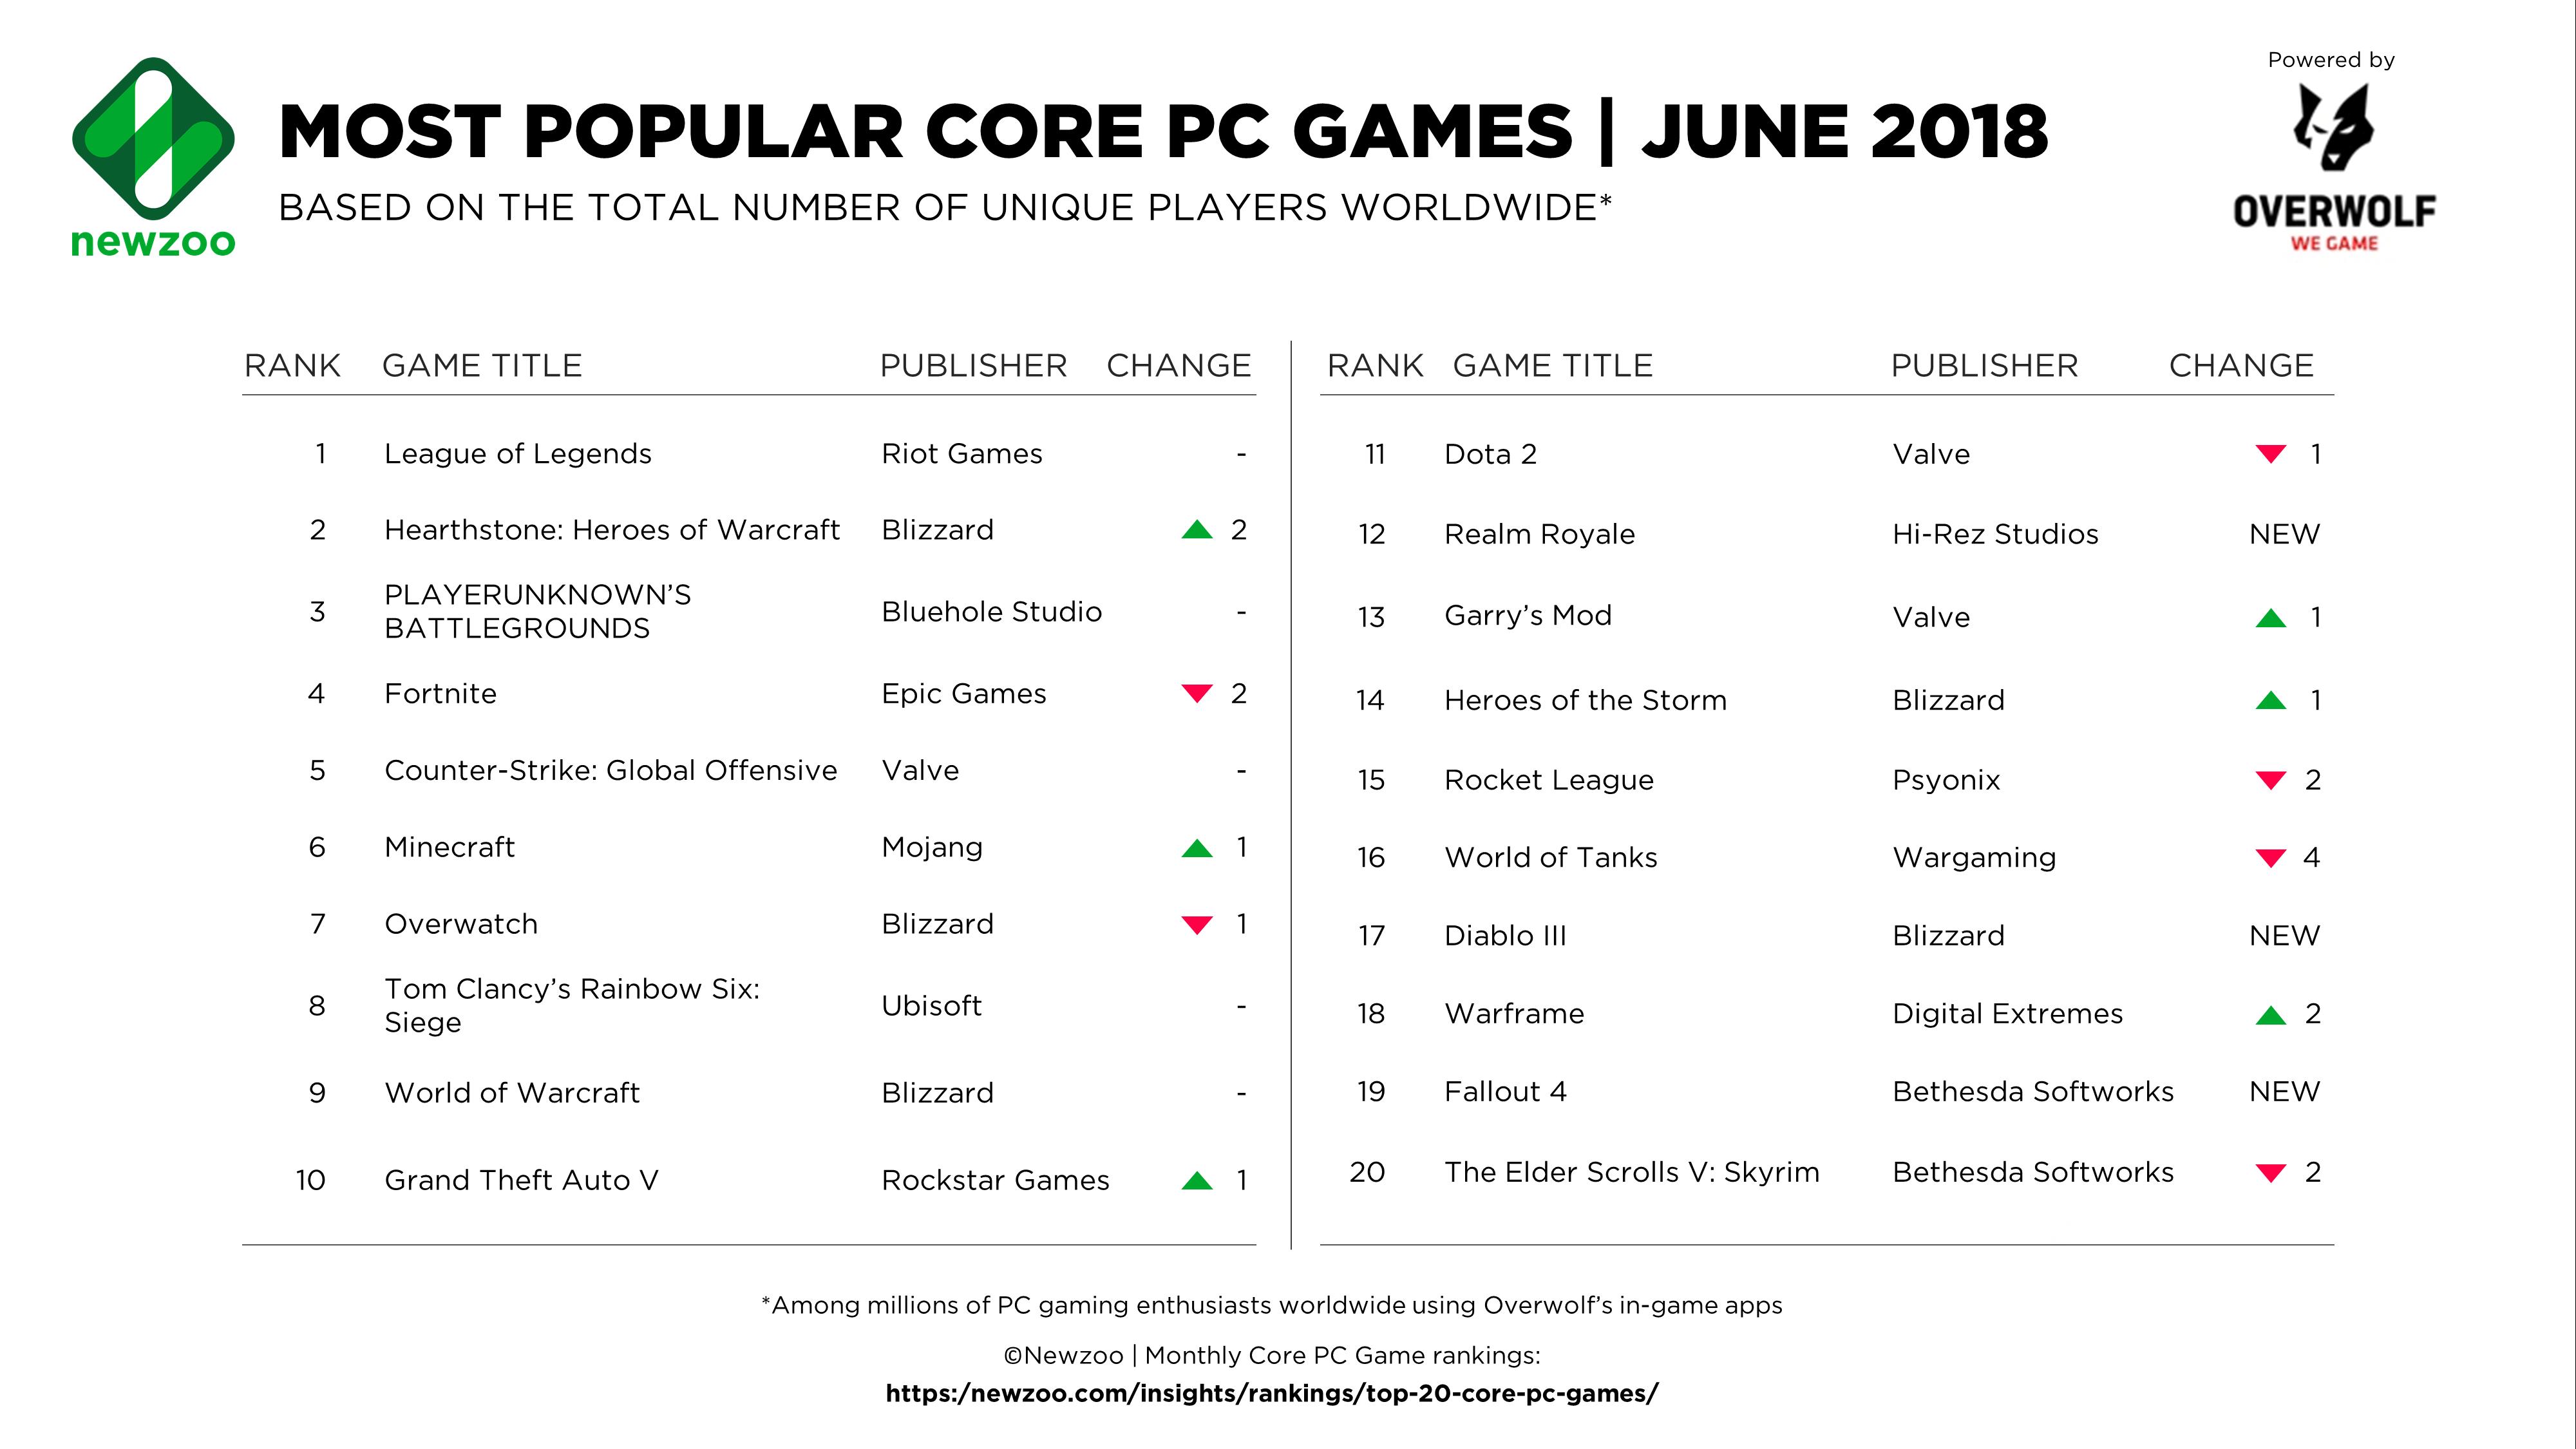 《炉石传说》是第二受欢迎的核心PC 游戏